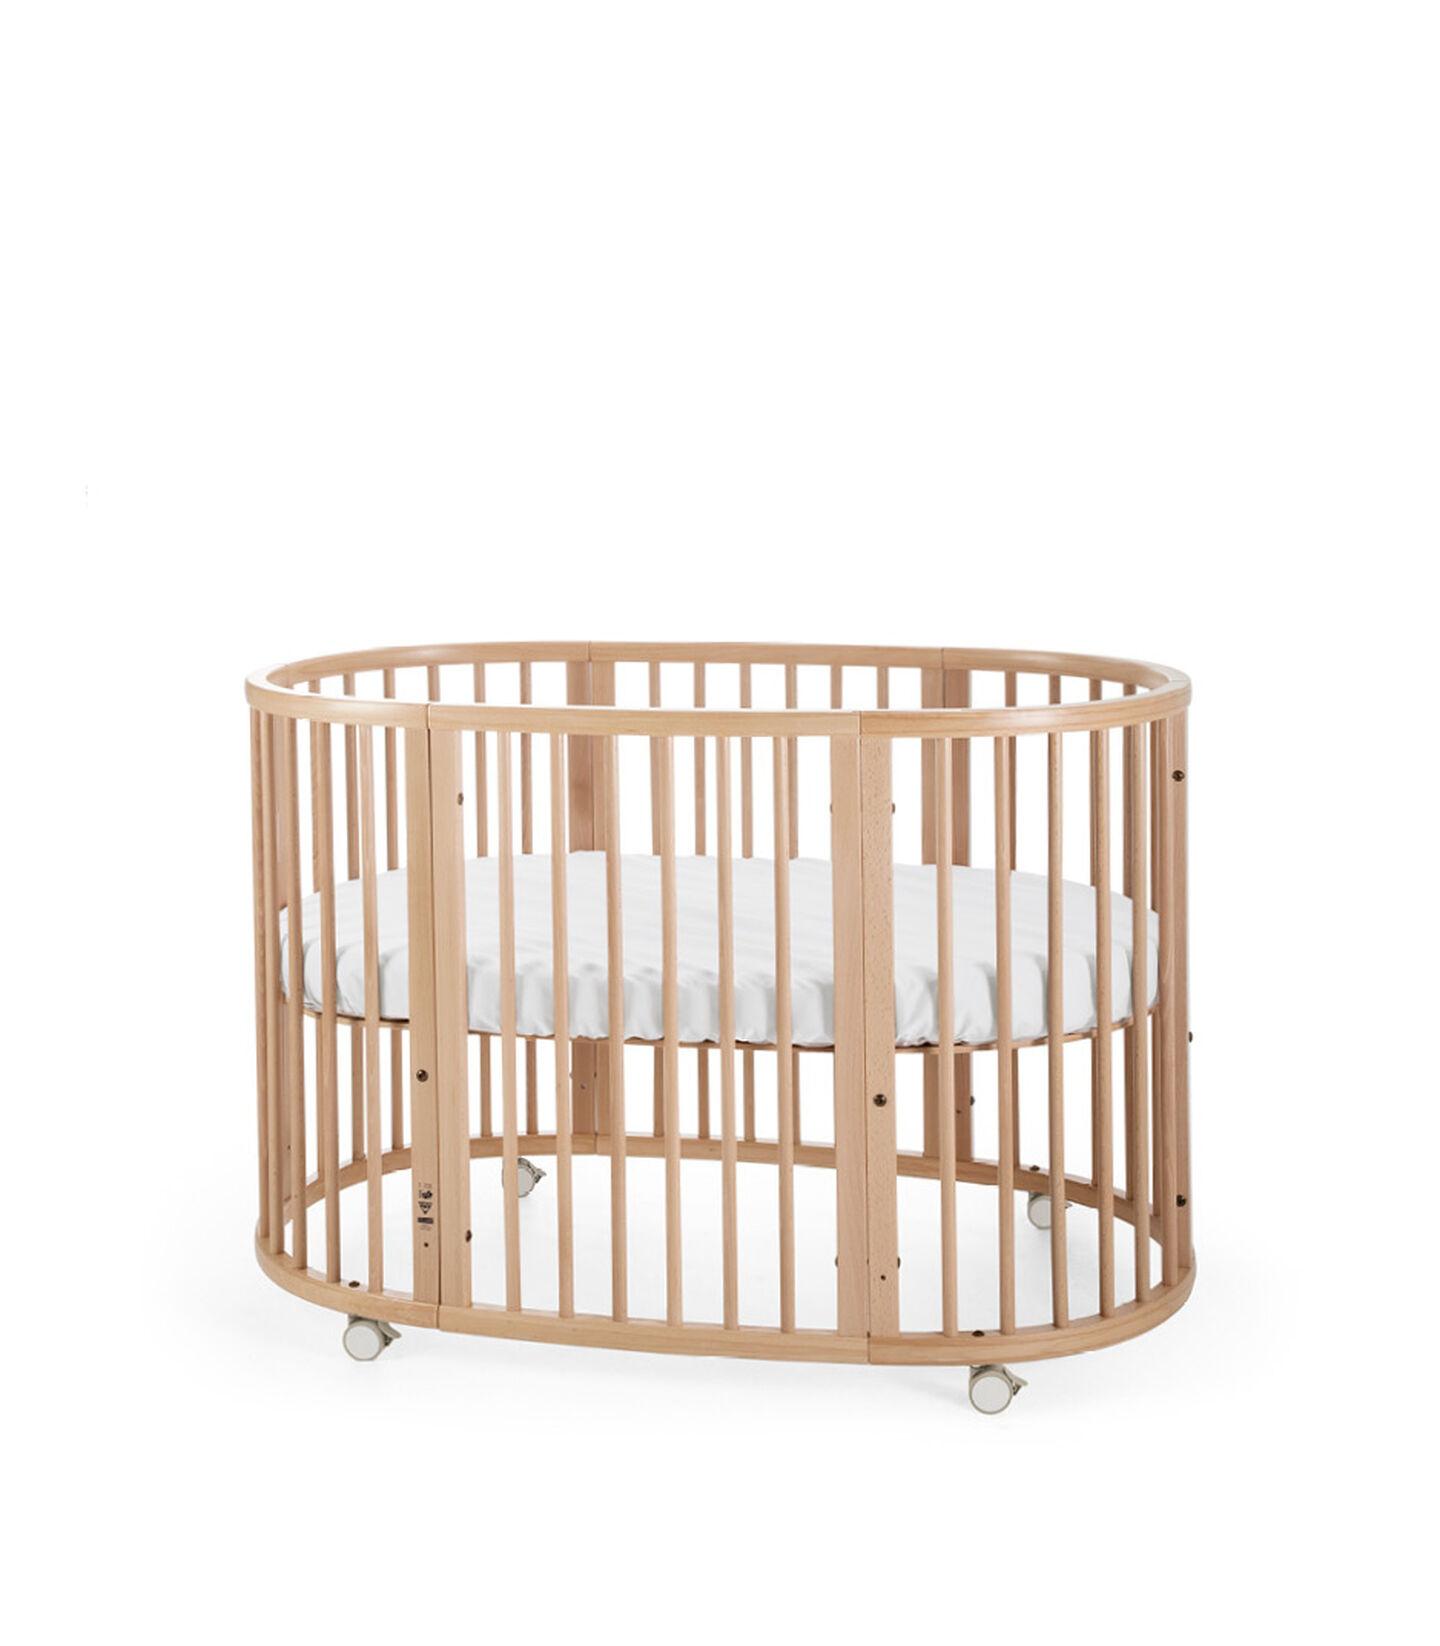 Stokke® Sleepi™ Crib/Bed Natural, Natural, mainview view 2